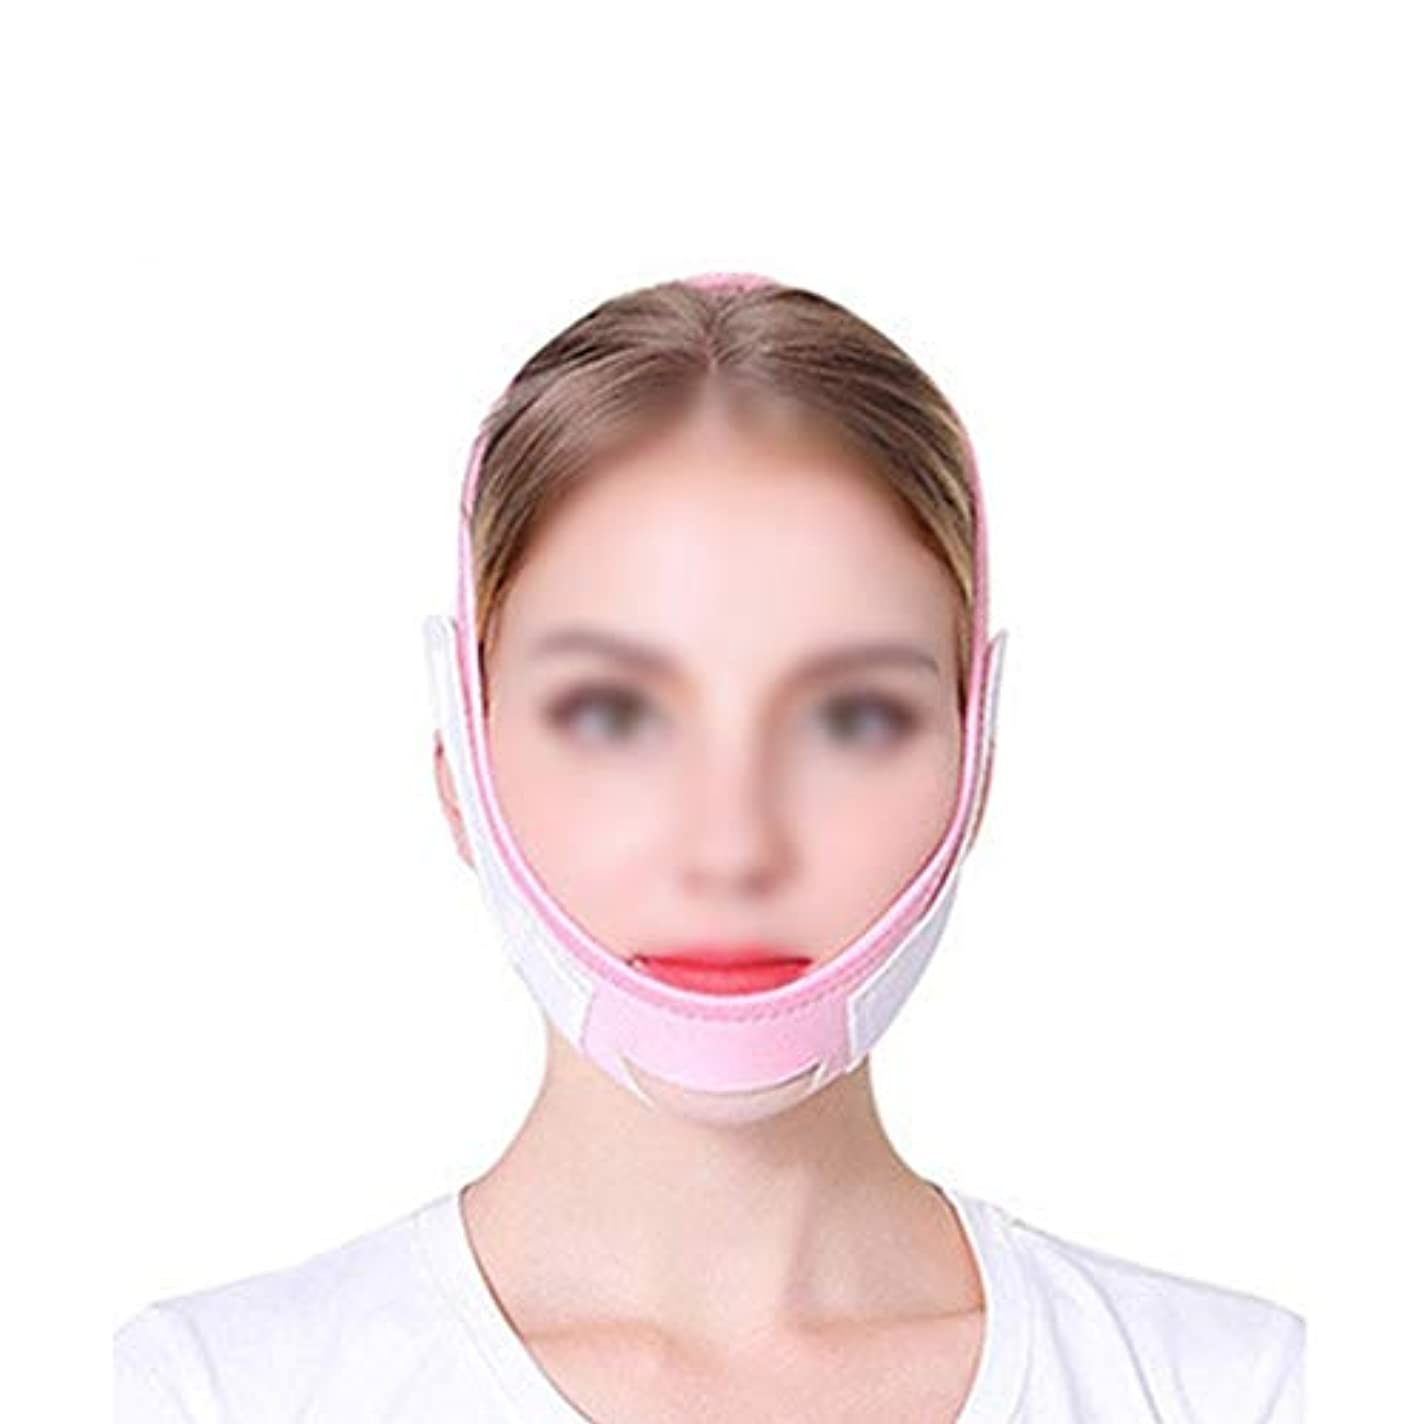 時々時々満足子豚しわ防止フェイシャル減量ベルト、フェイスリフティング包帯、フェイスリフティングマスク、リフティングフェイスバンド、スキンバンデージ(フリーサイズ) (Color : Powder white)